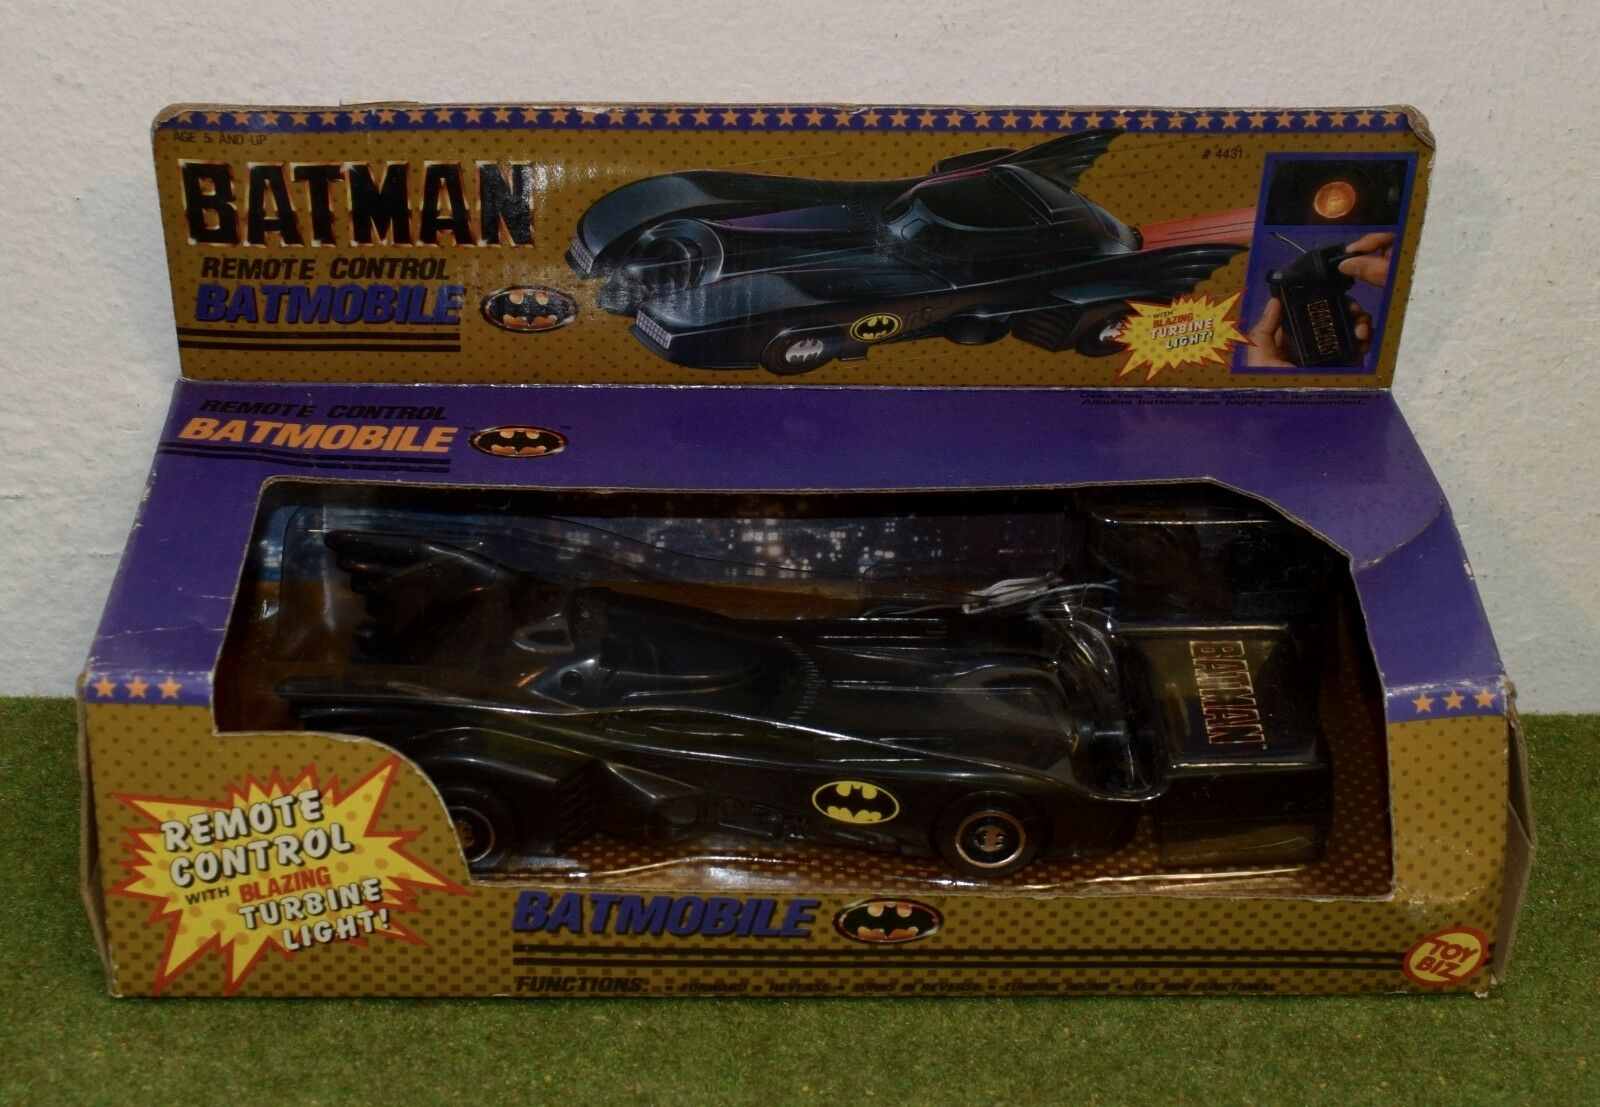 TOY BIZ BATMAN BATMOBILE REMOTE CONTROL DC DC DC COMICS 7a86c2